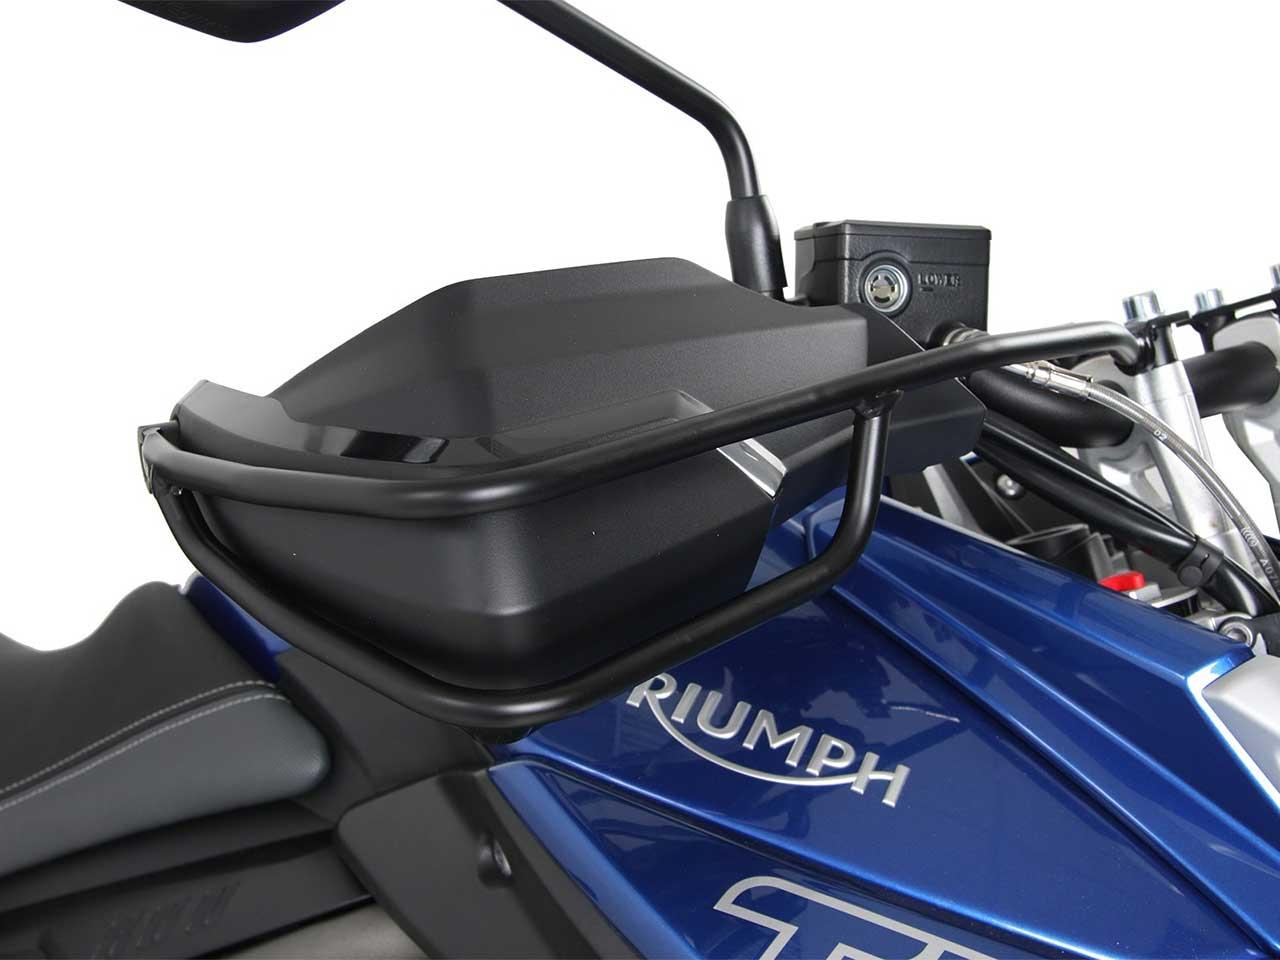 ヘプコ&ベッカー ハンドプロテクター Triumph Tiger 800 XC / XCX / XCA / XR / XRX / XRT